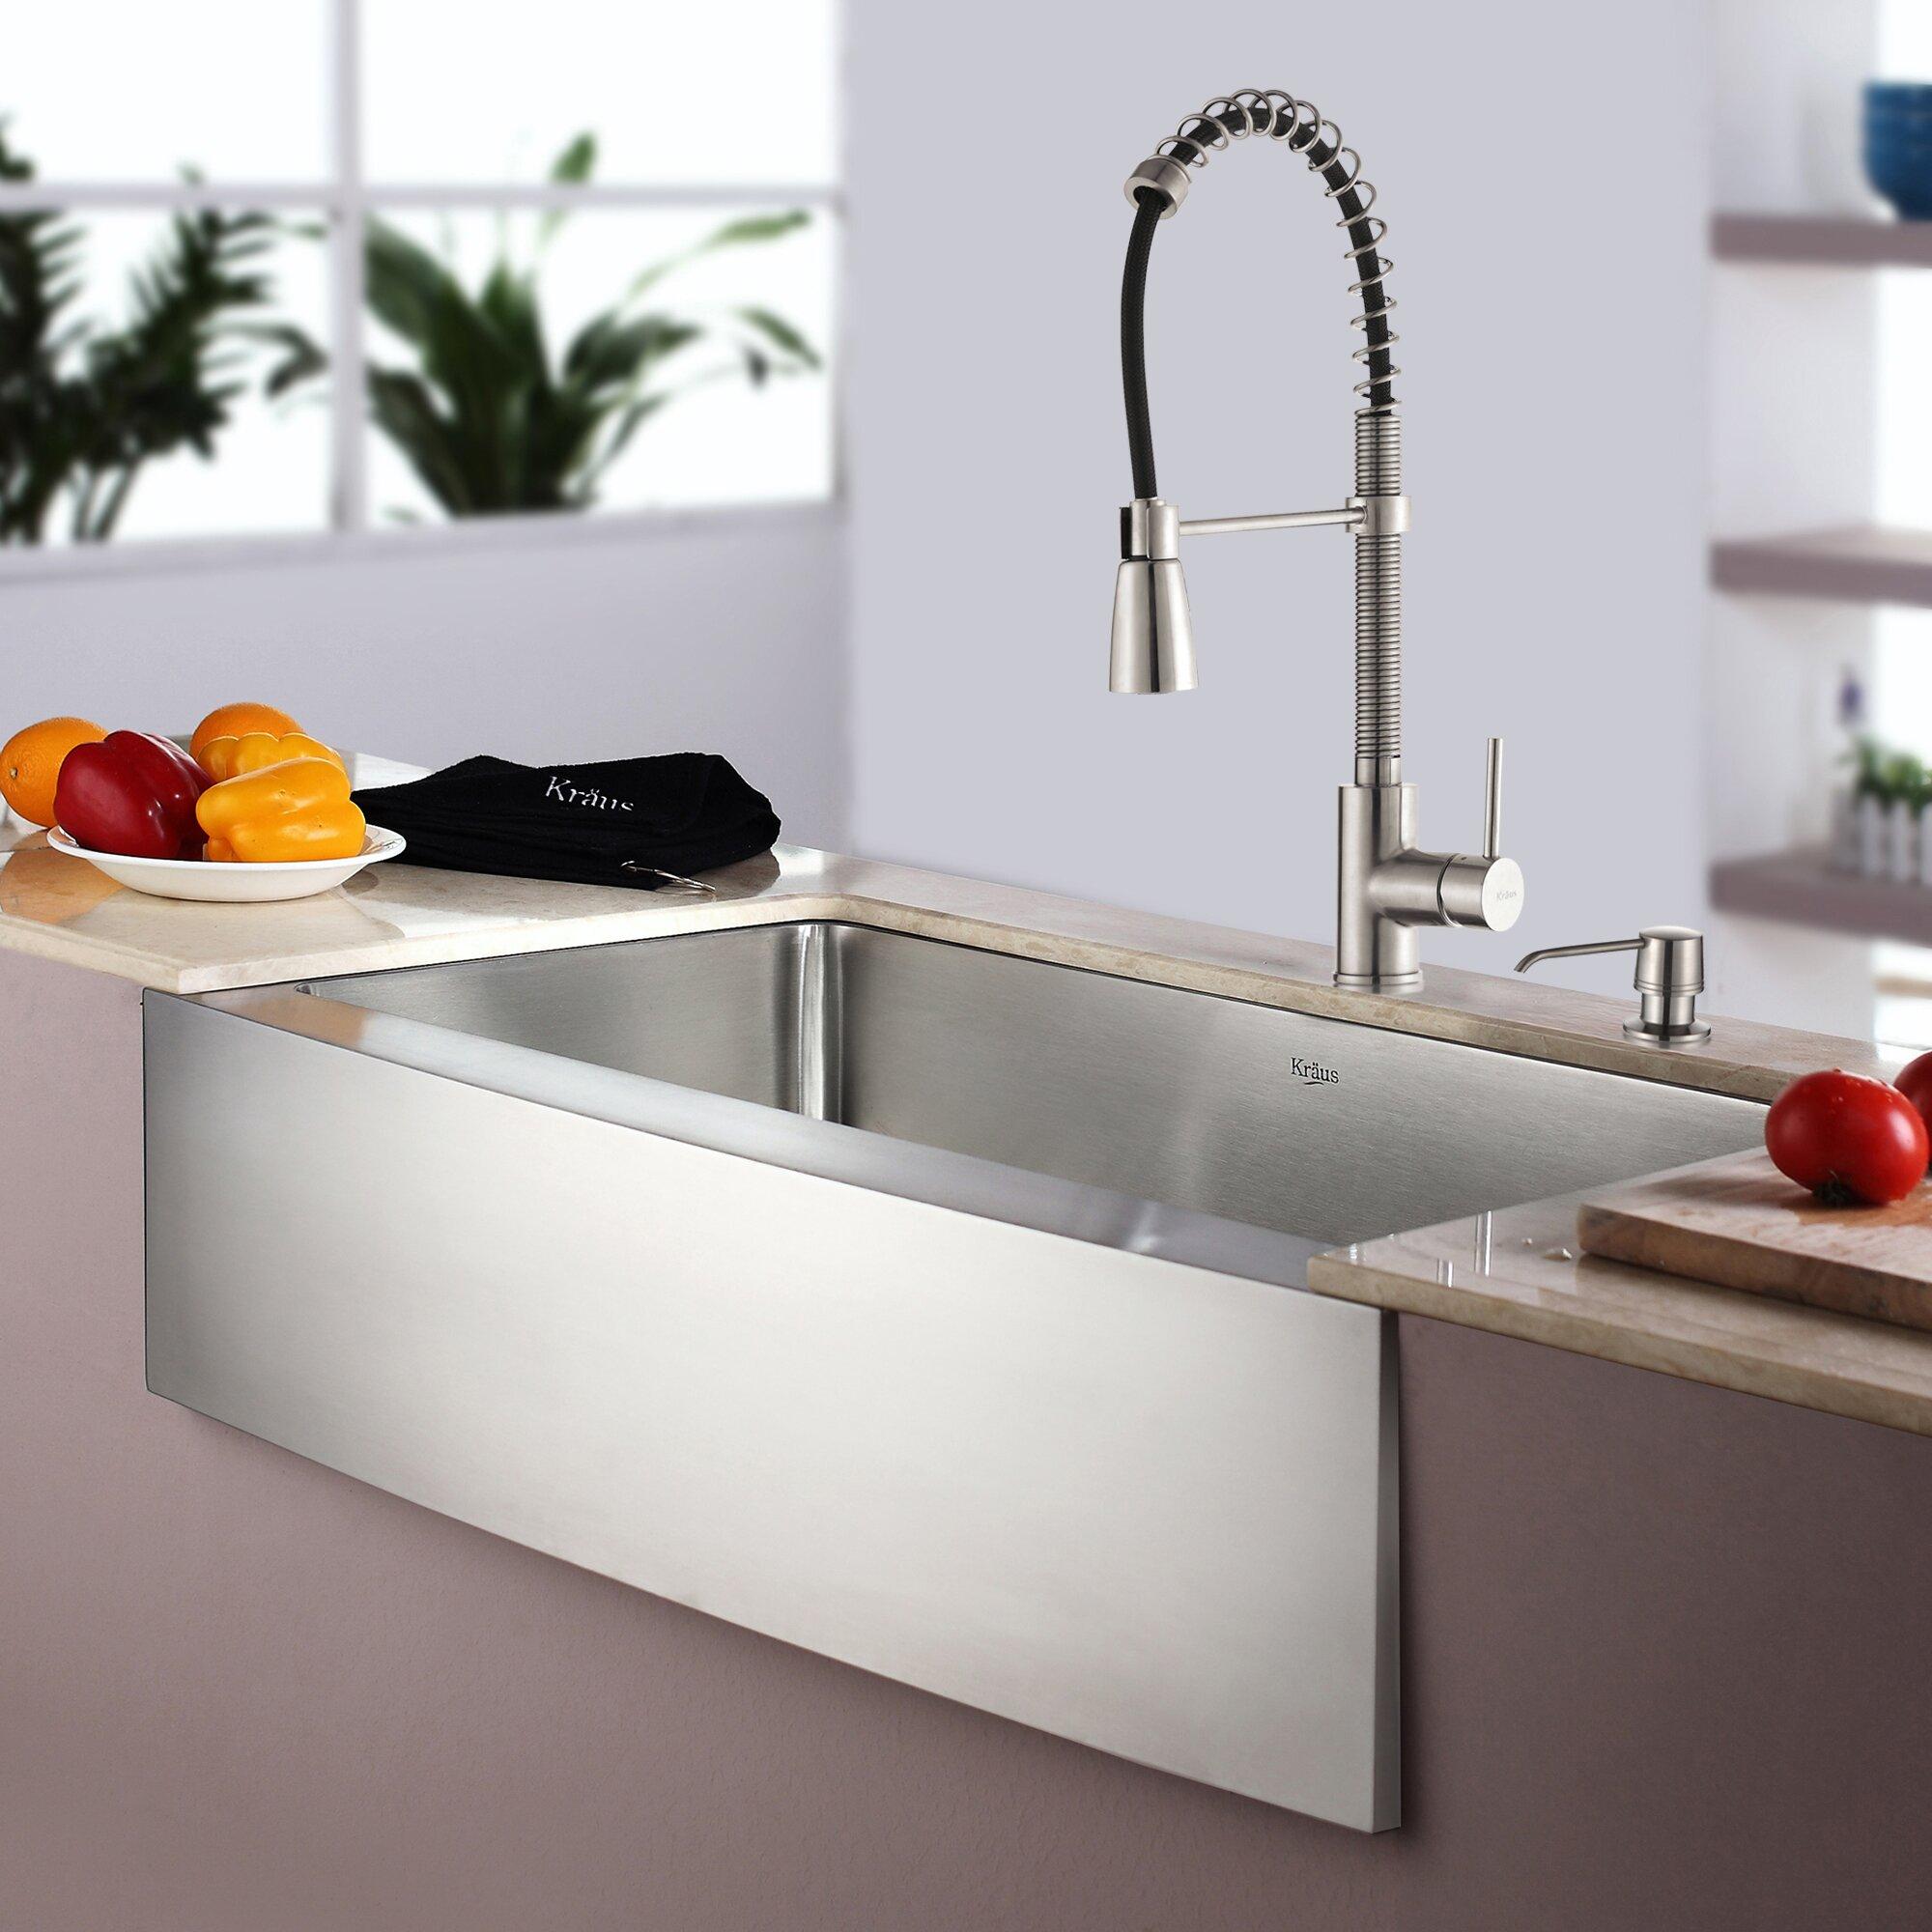 Kraus Kitchen Sinks Canada : Kraus Kitchen Combo 33